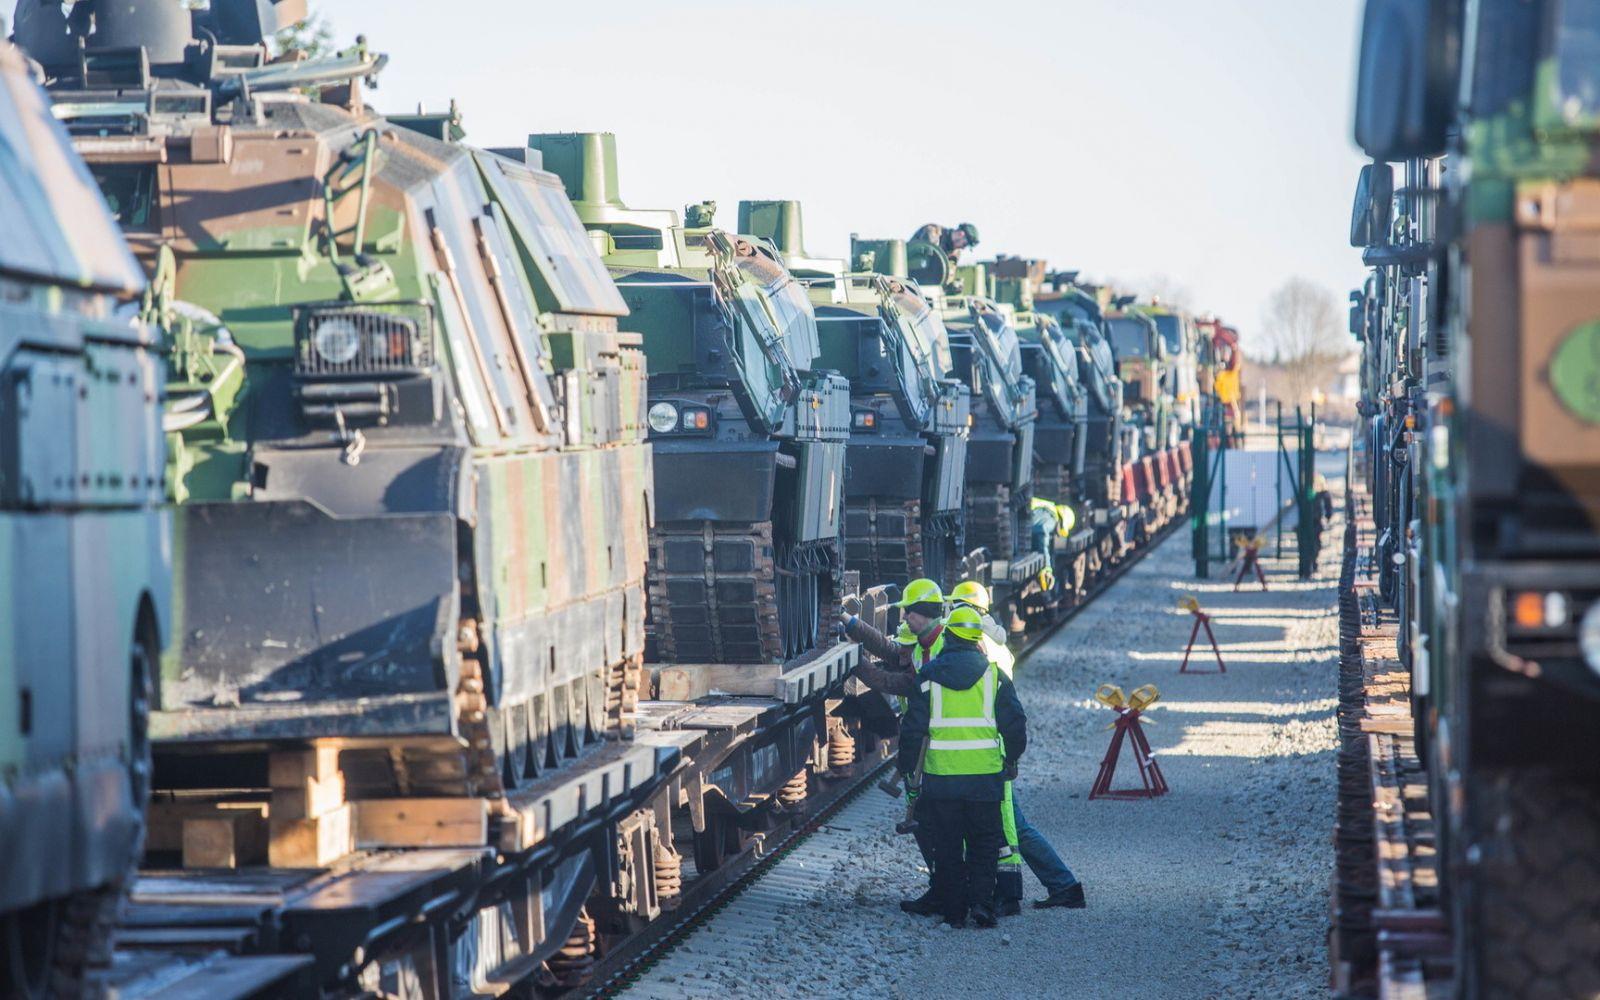 ВЭстонию прибыли французские танки для тактической группы НАТО